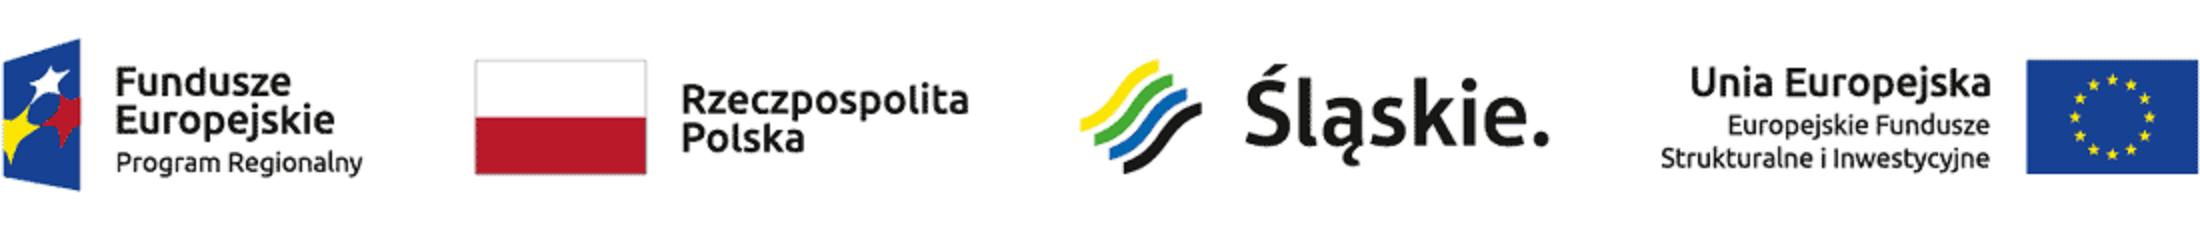 """obraz dla wpisu: Rekrutacja doprojektu """"INTEGRA III – program aktywnej integracji osób zagrożonych wykluczeniem społecznym wDąbrowie Górniczej"""" – edycja 2019r."""